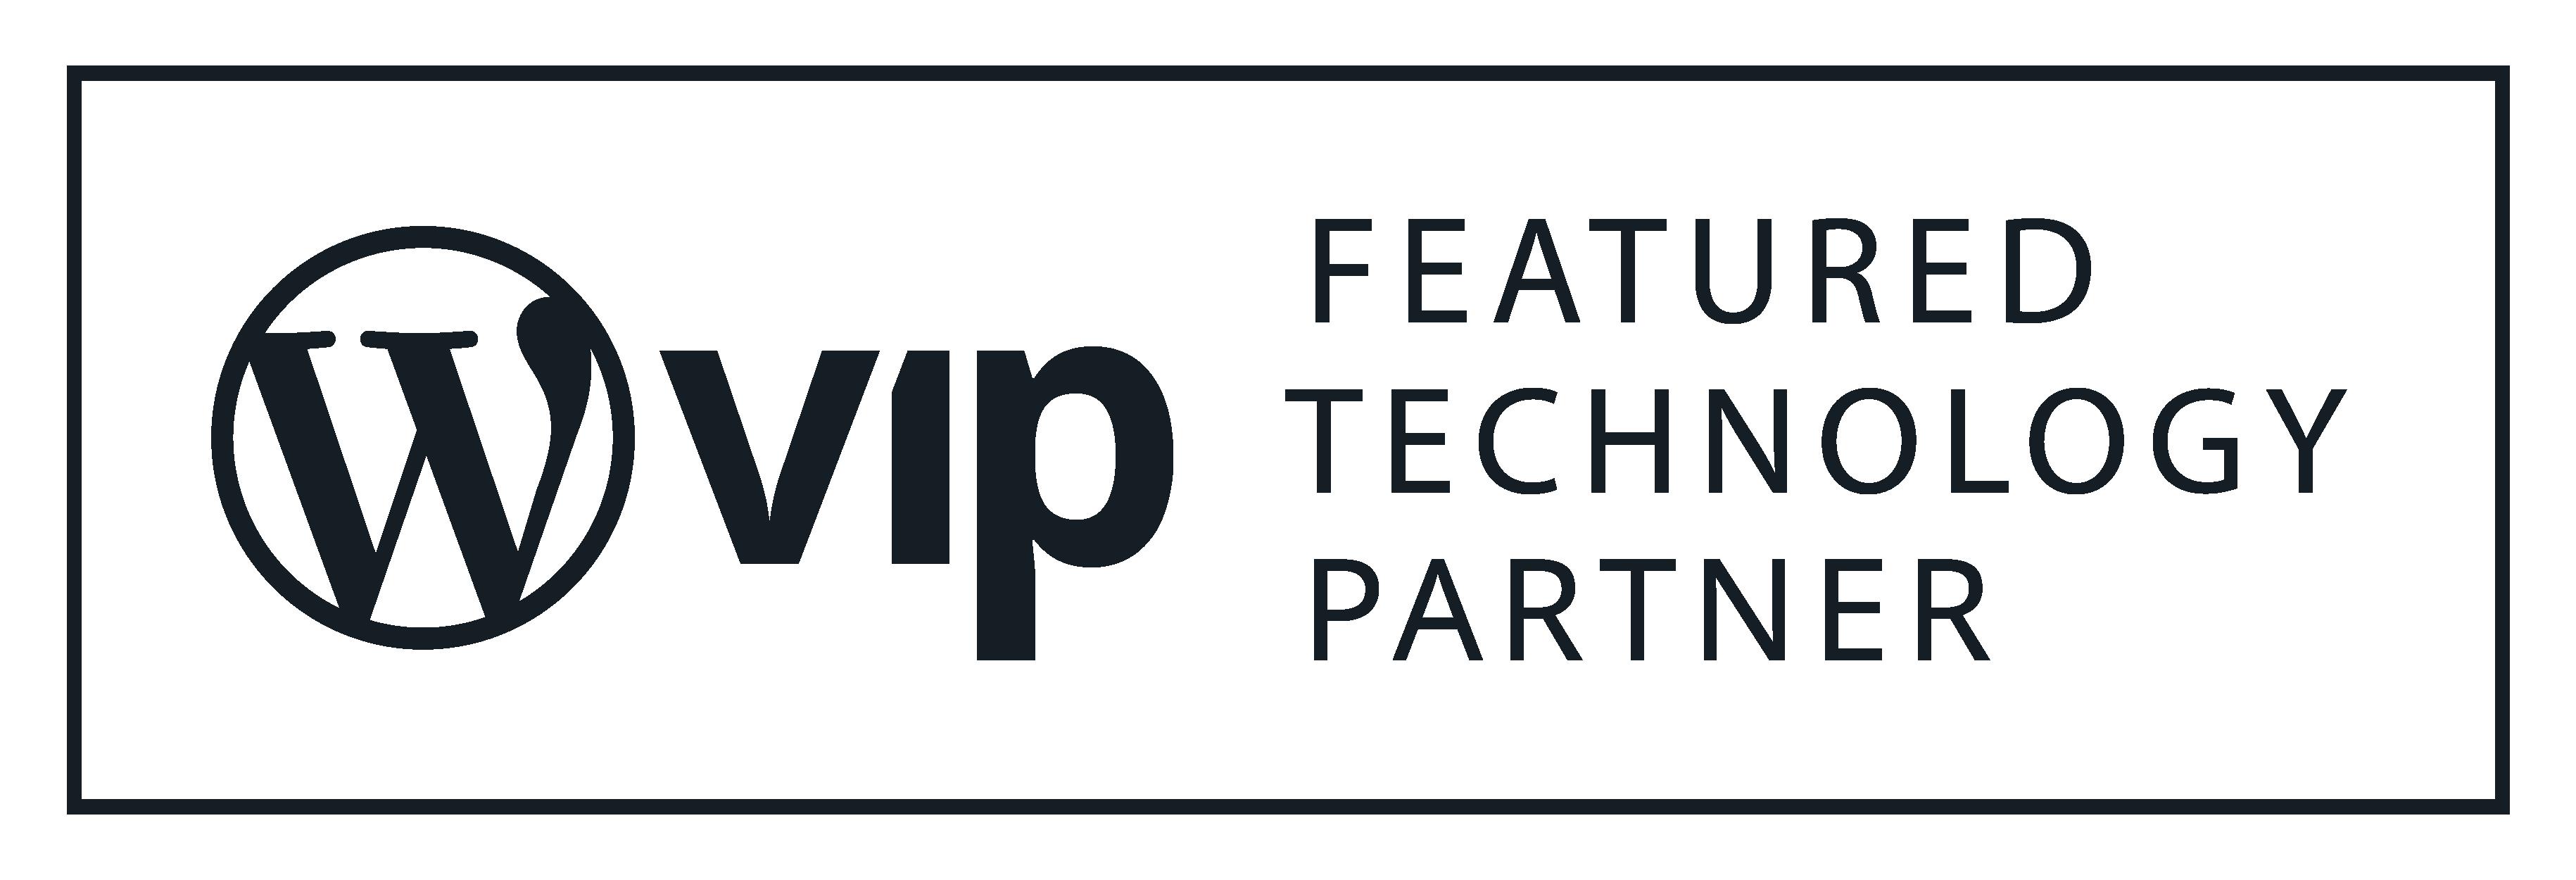 Copy of FeaturedTech_Badge_Techbkgd